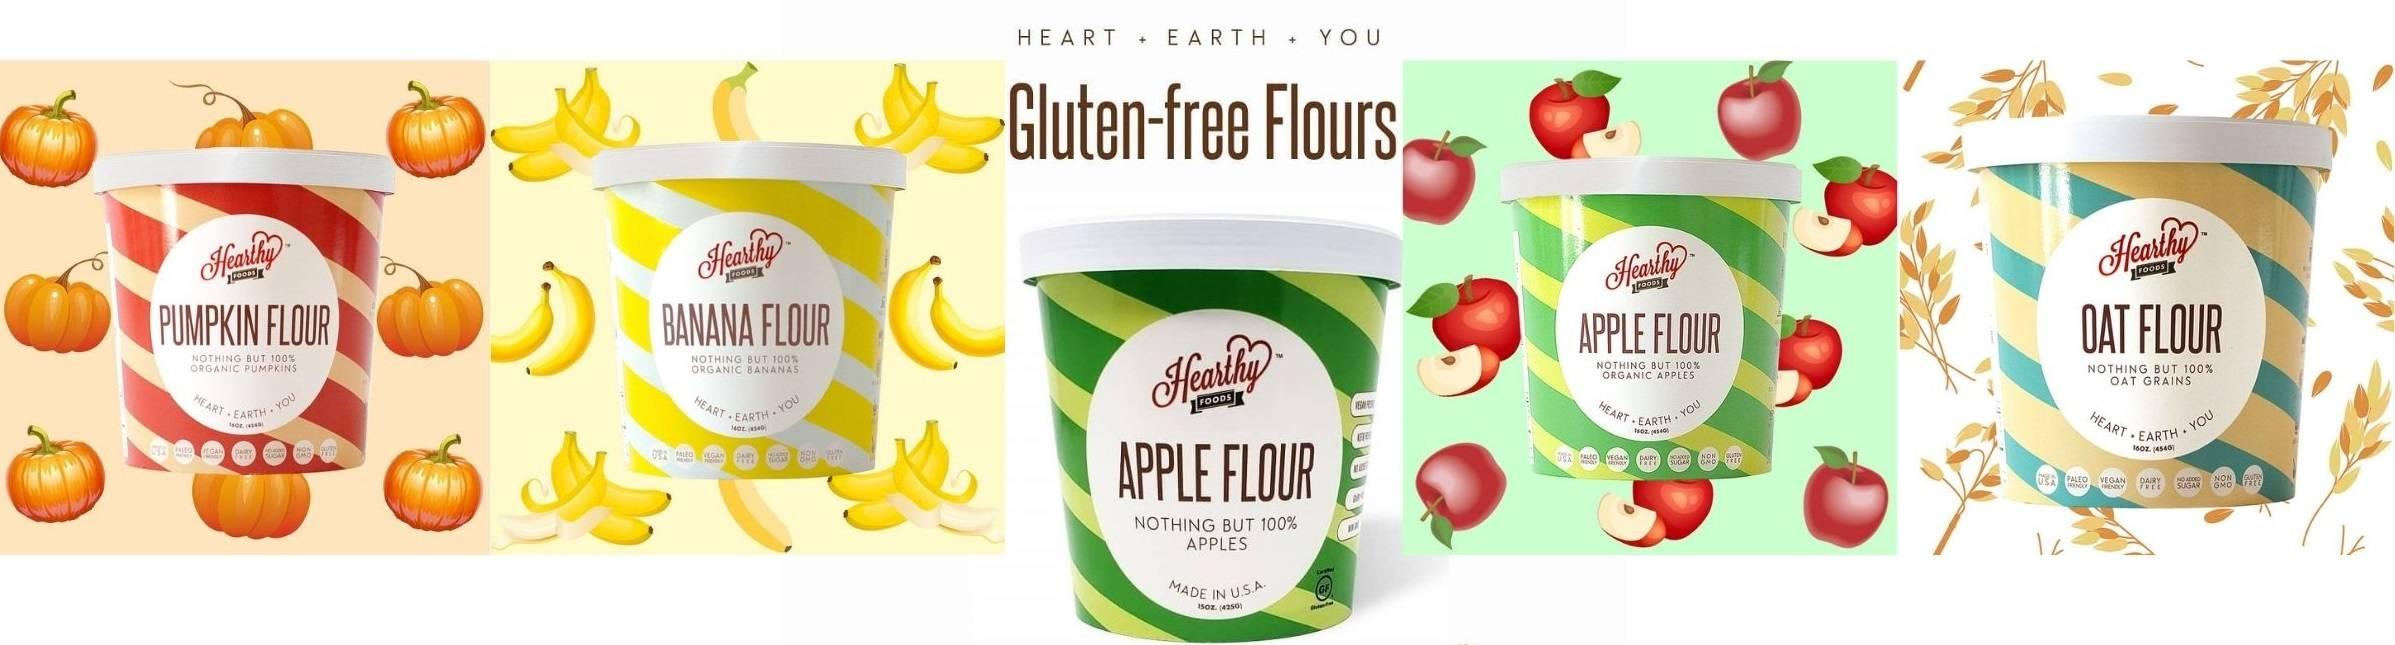 Best Gluten Free Flours